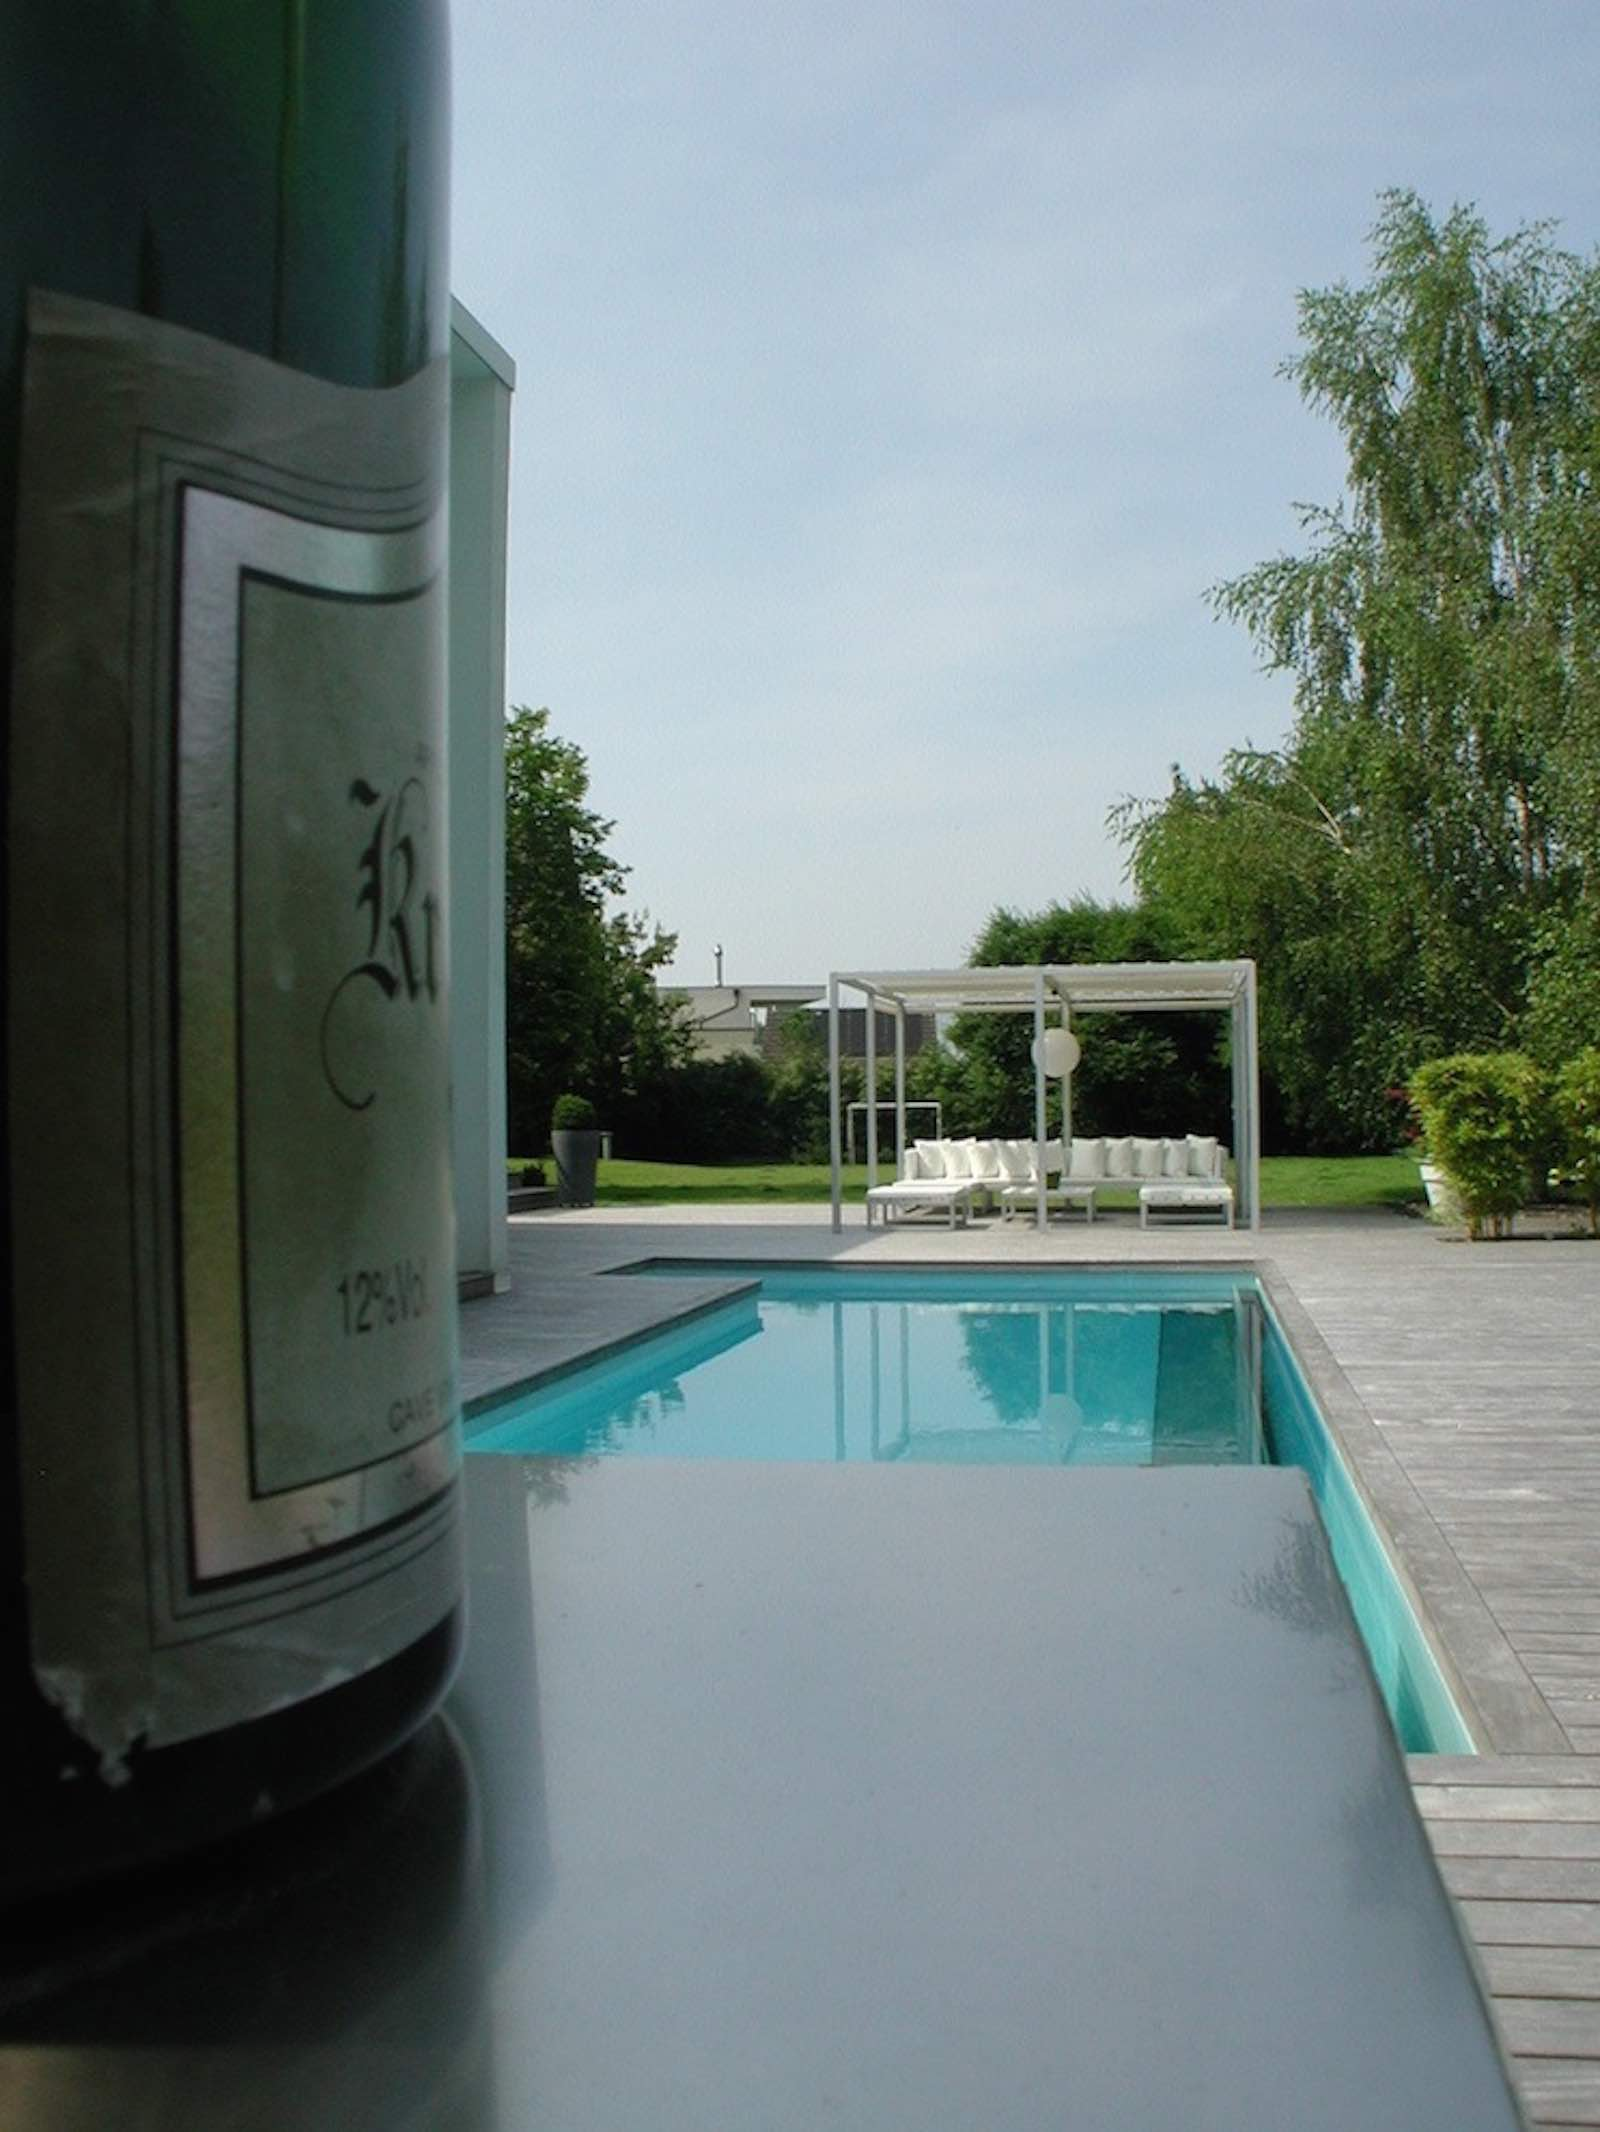 am nagement d une piscine la wantzenau architecte d 39 int rieur rigate design. Black Bedroom Furniture Sets. Home Design Ideas